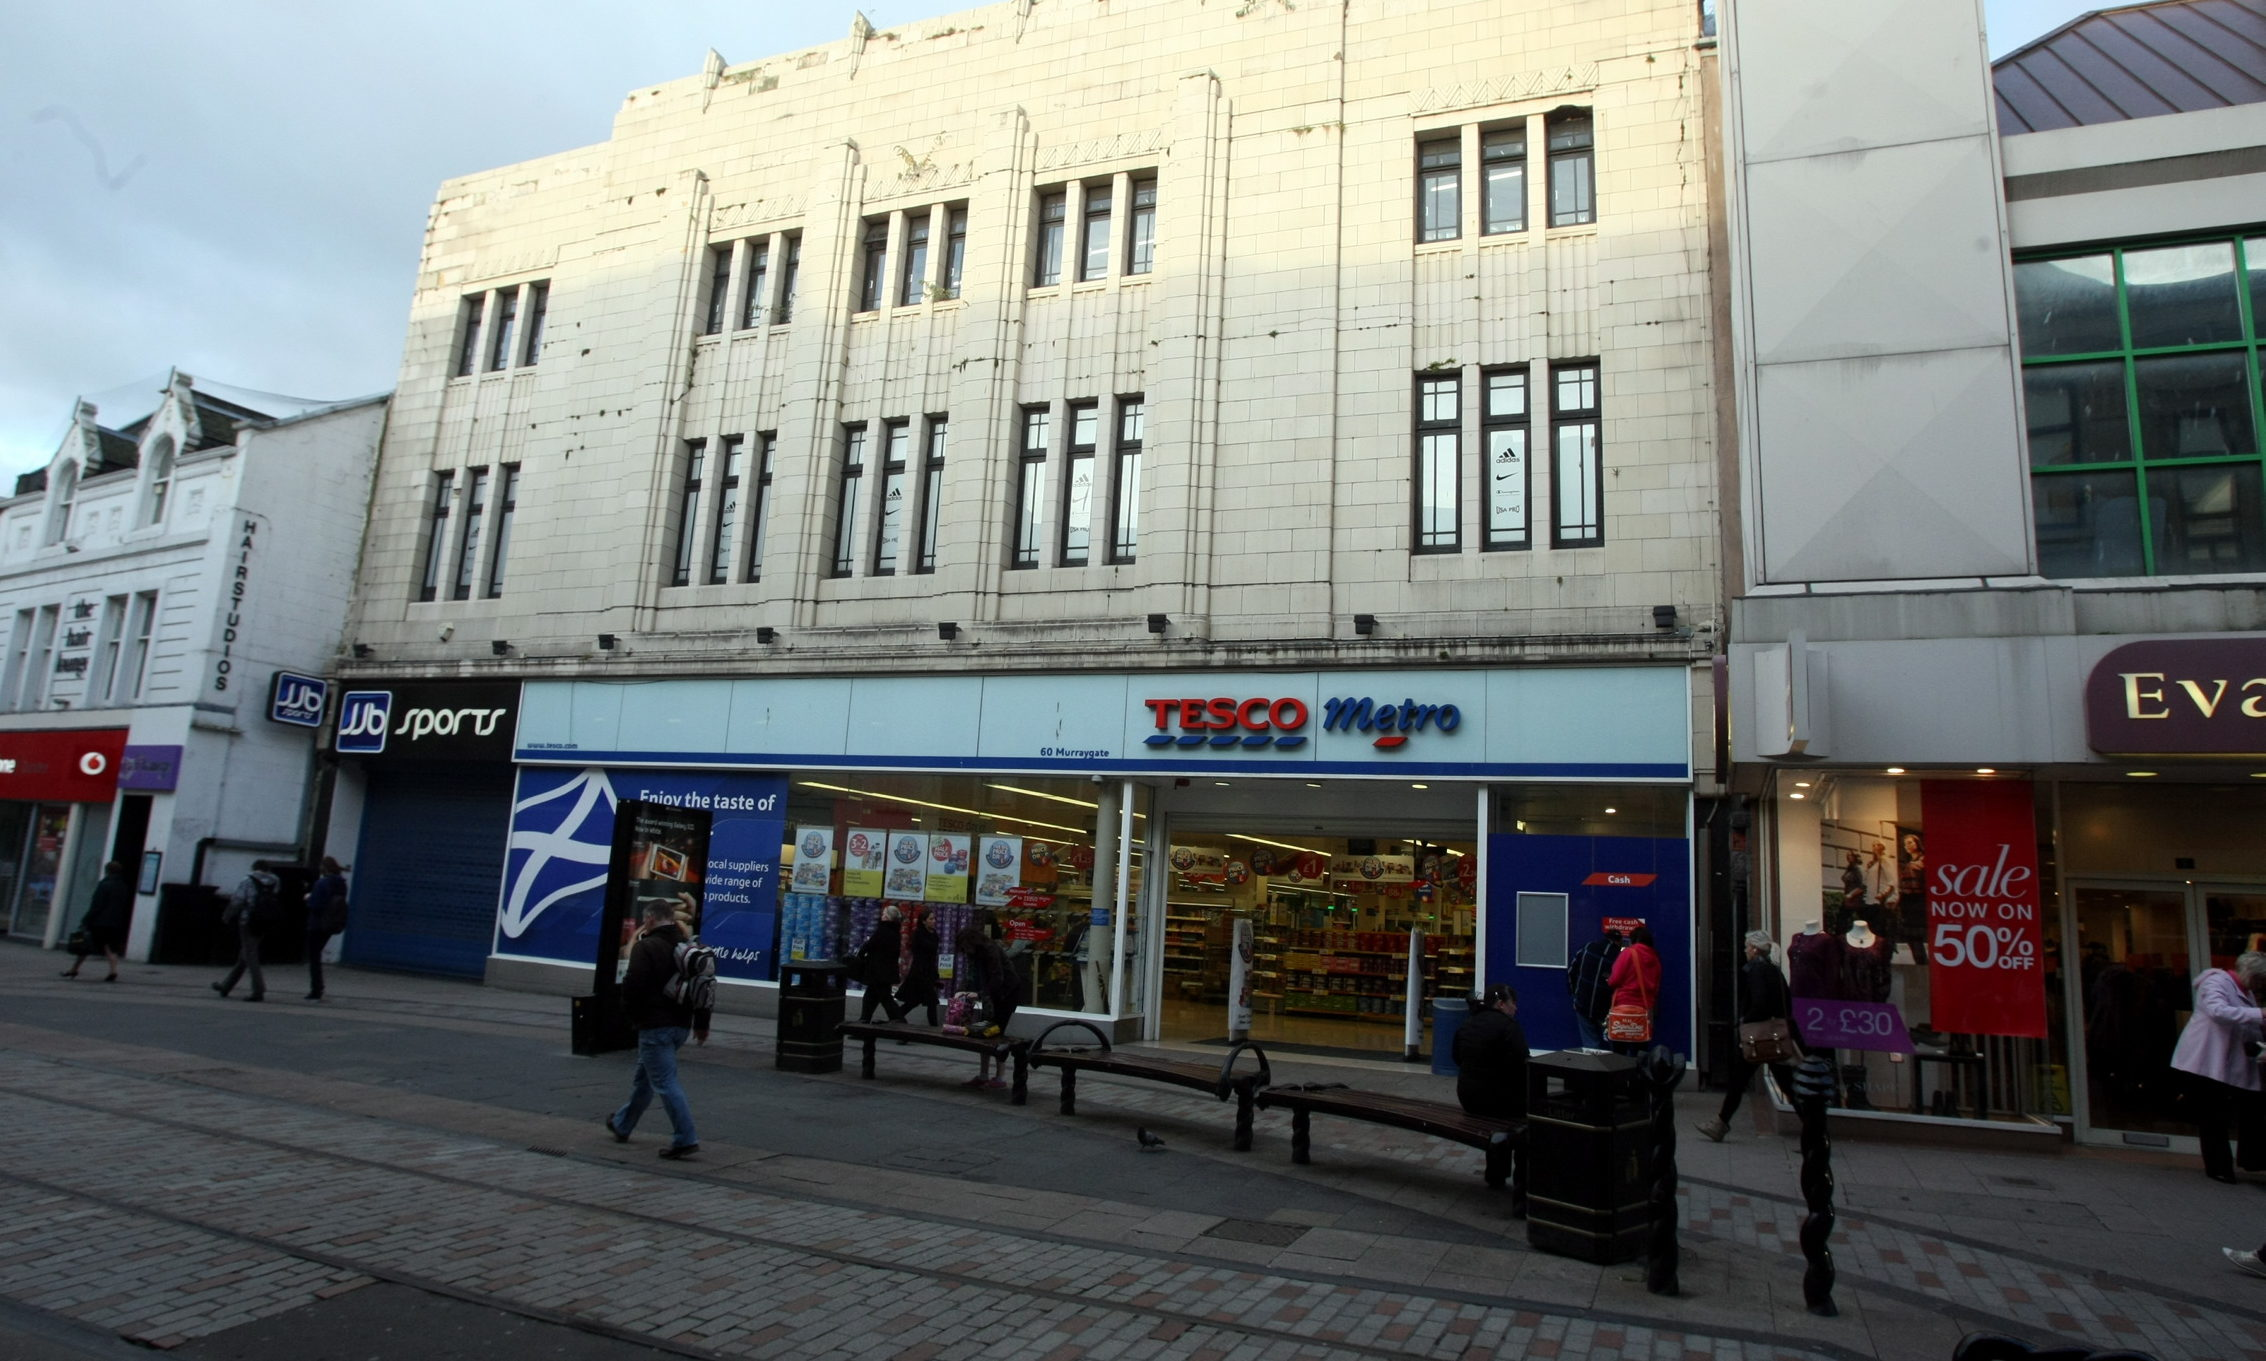 Tesco Metro on the Murraygate, Dundee.